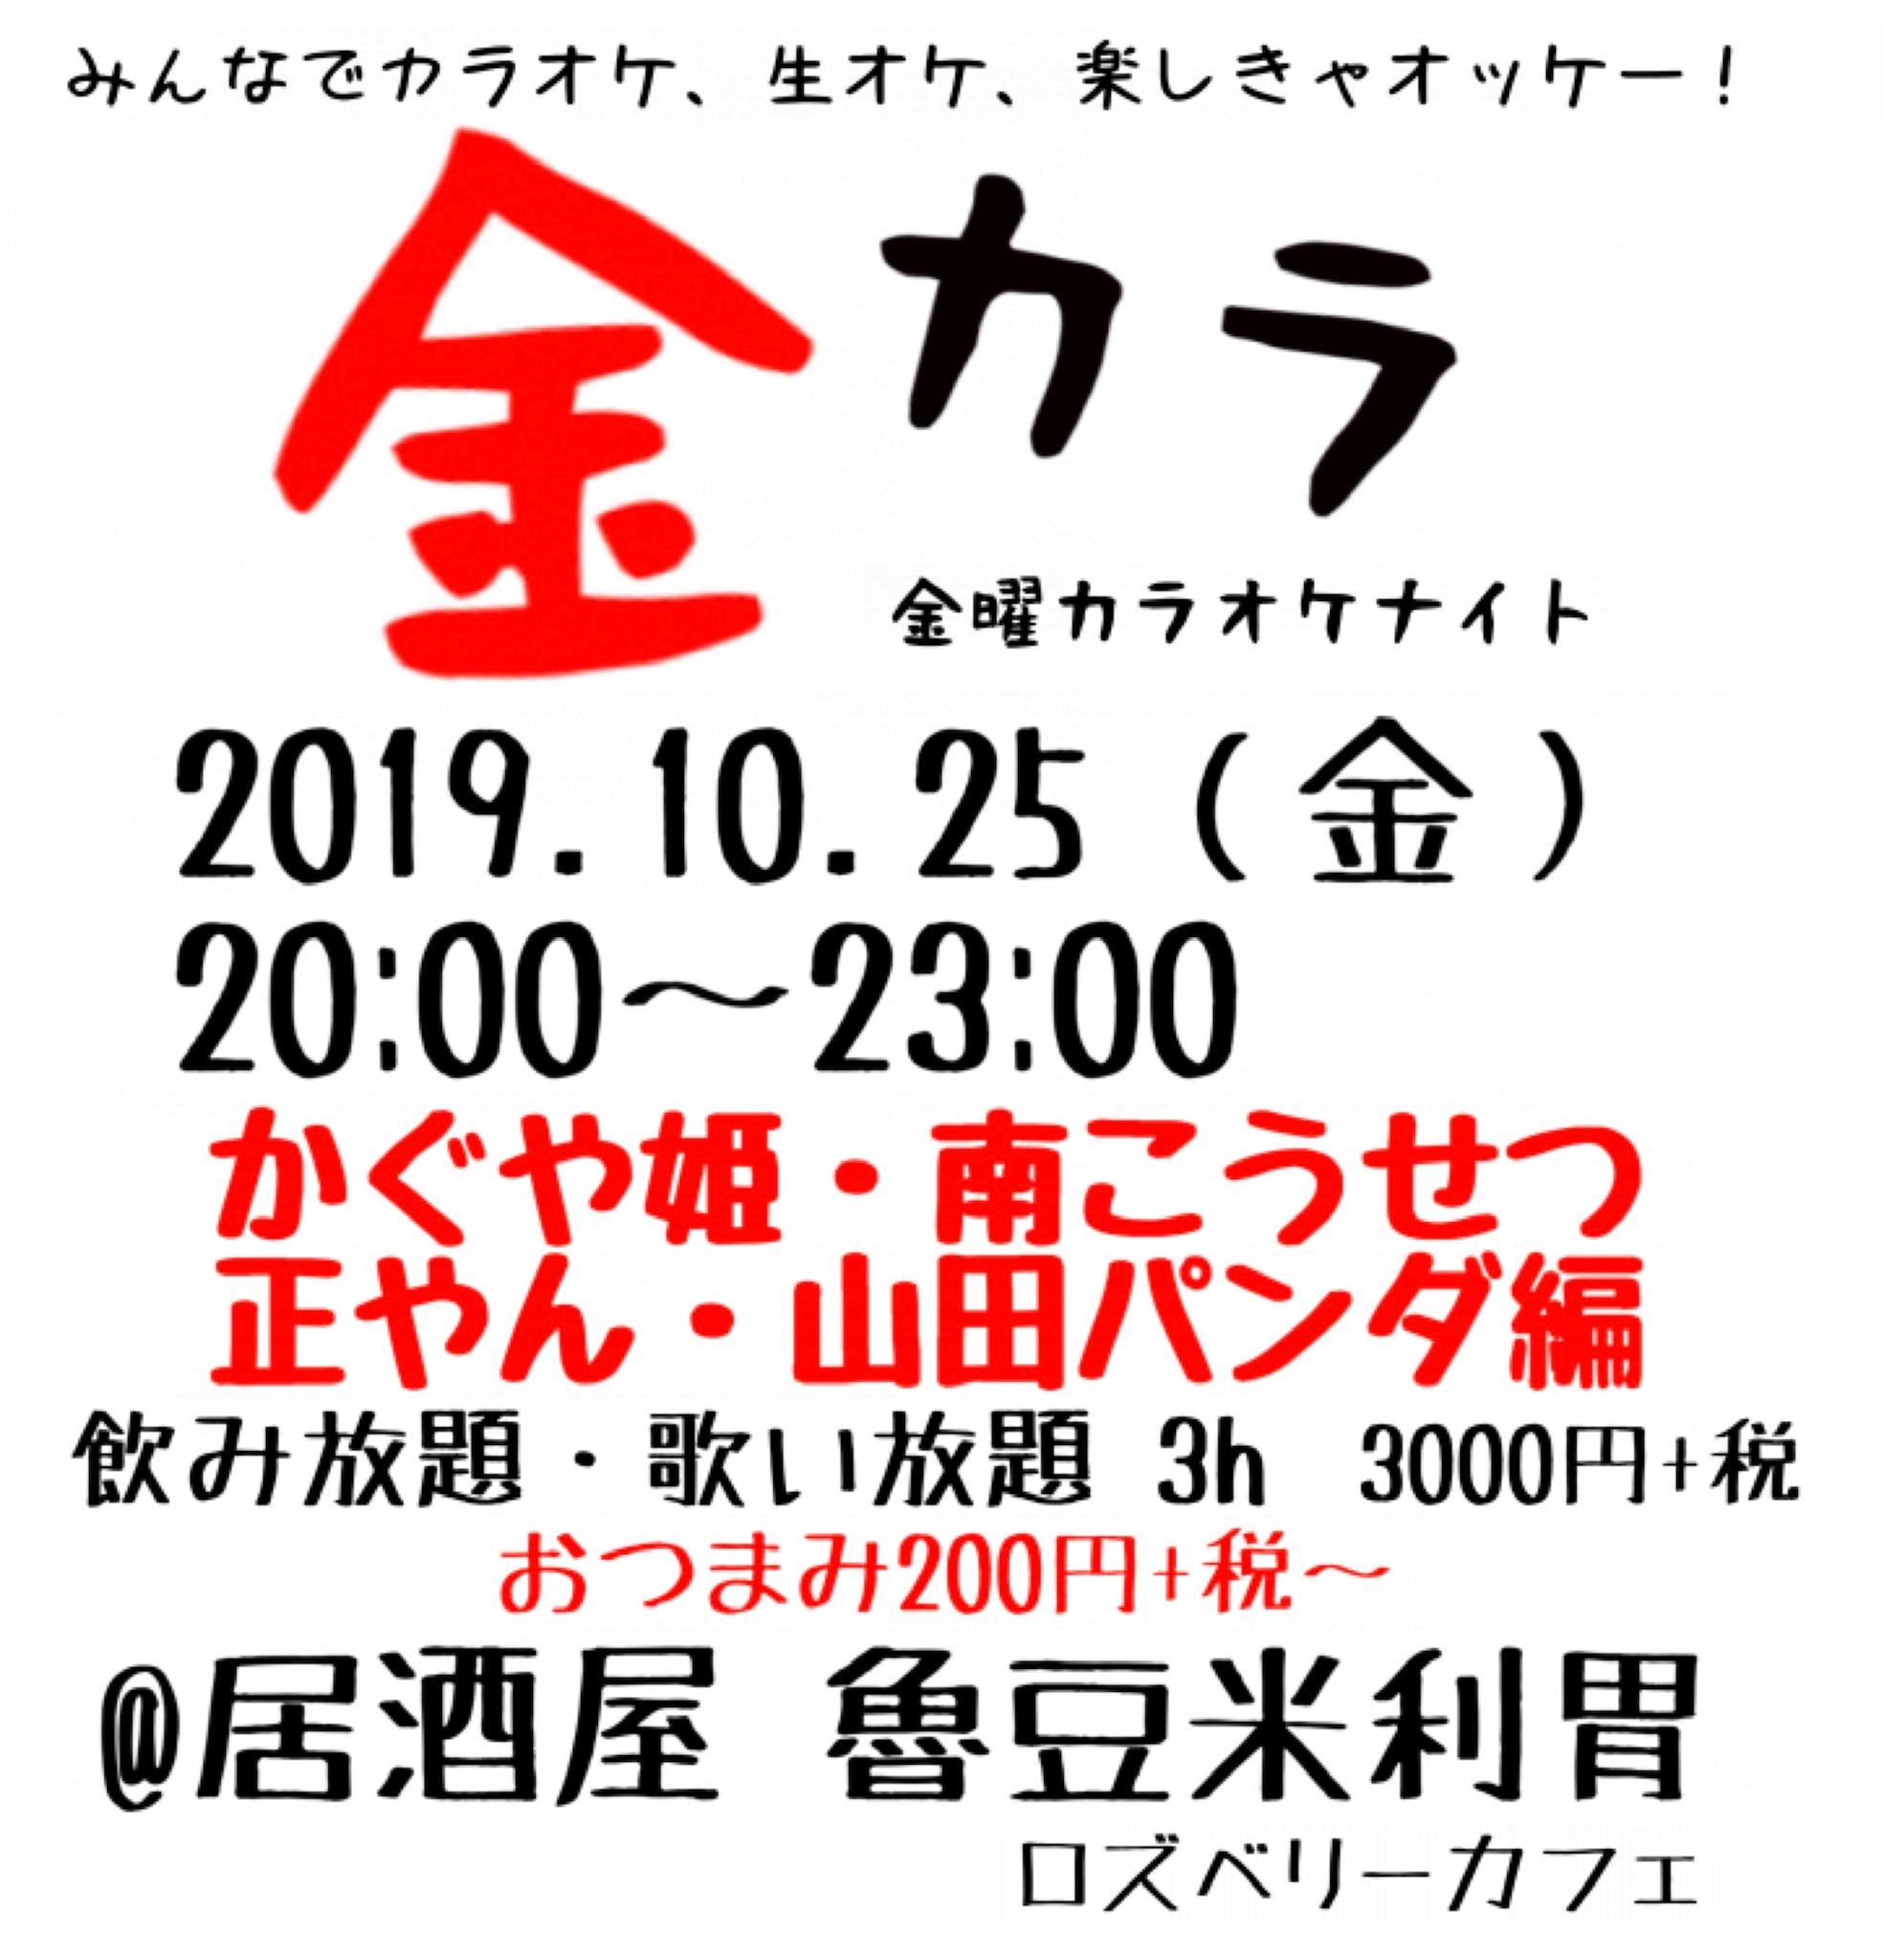 金カラ・・金曜カラオケナイト  「かぐや姫、南こうせつ、伊勢正三、山田パンダ」特集!!